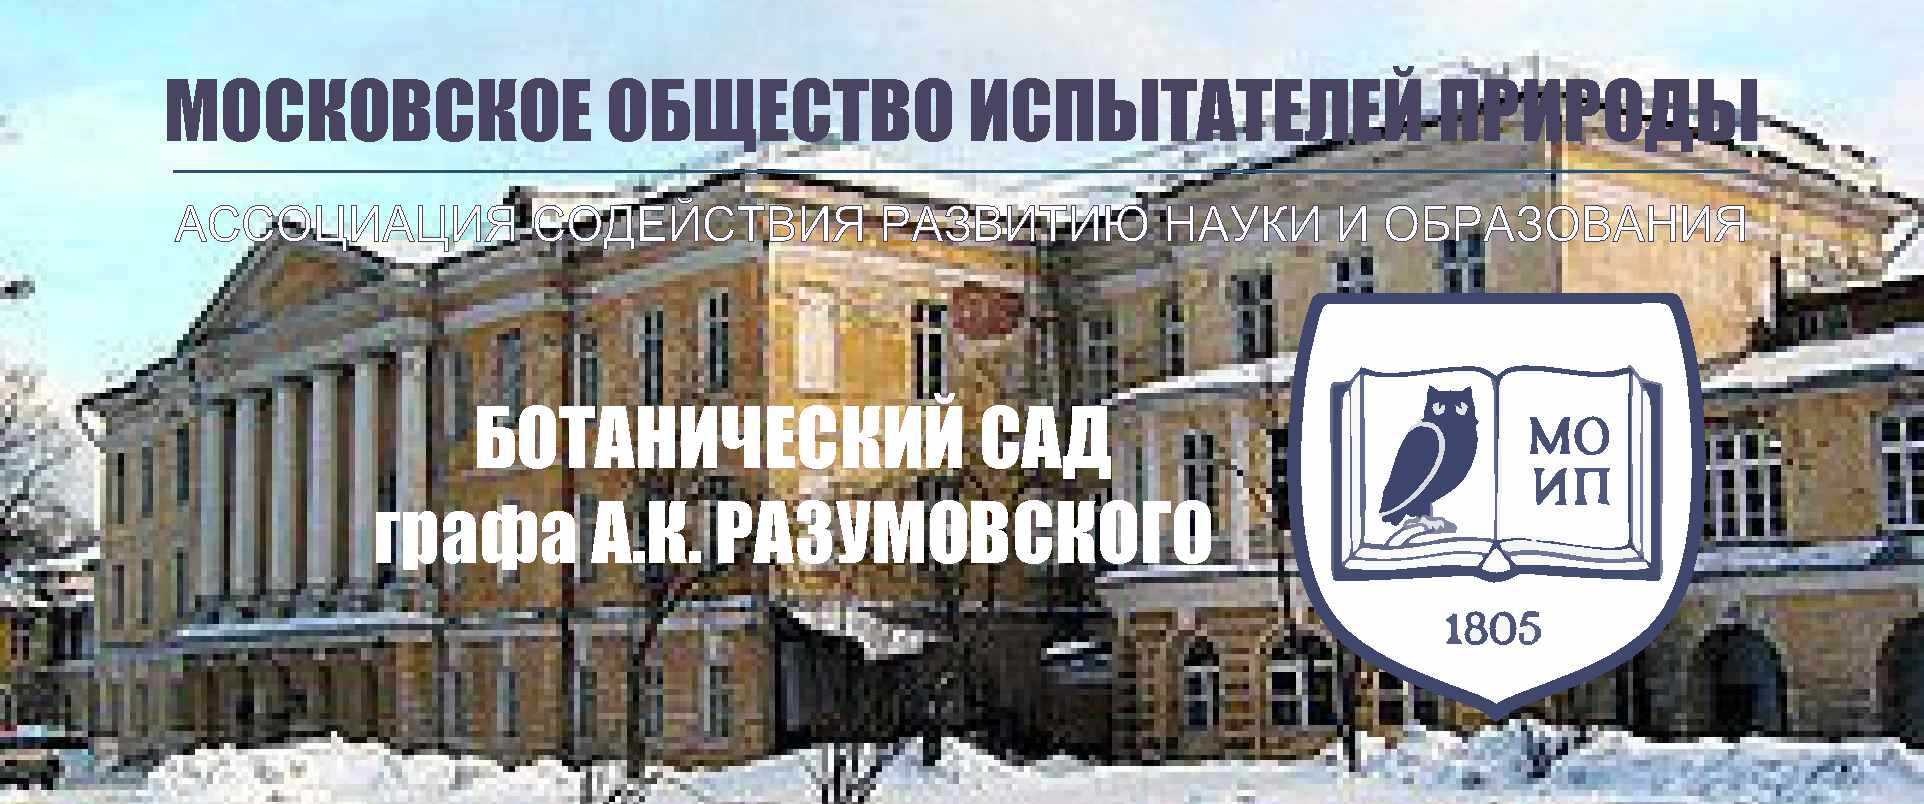 БОТАНИЧЕСКИЙ САД   графа А.К. РАЗУМОВСКОГО